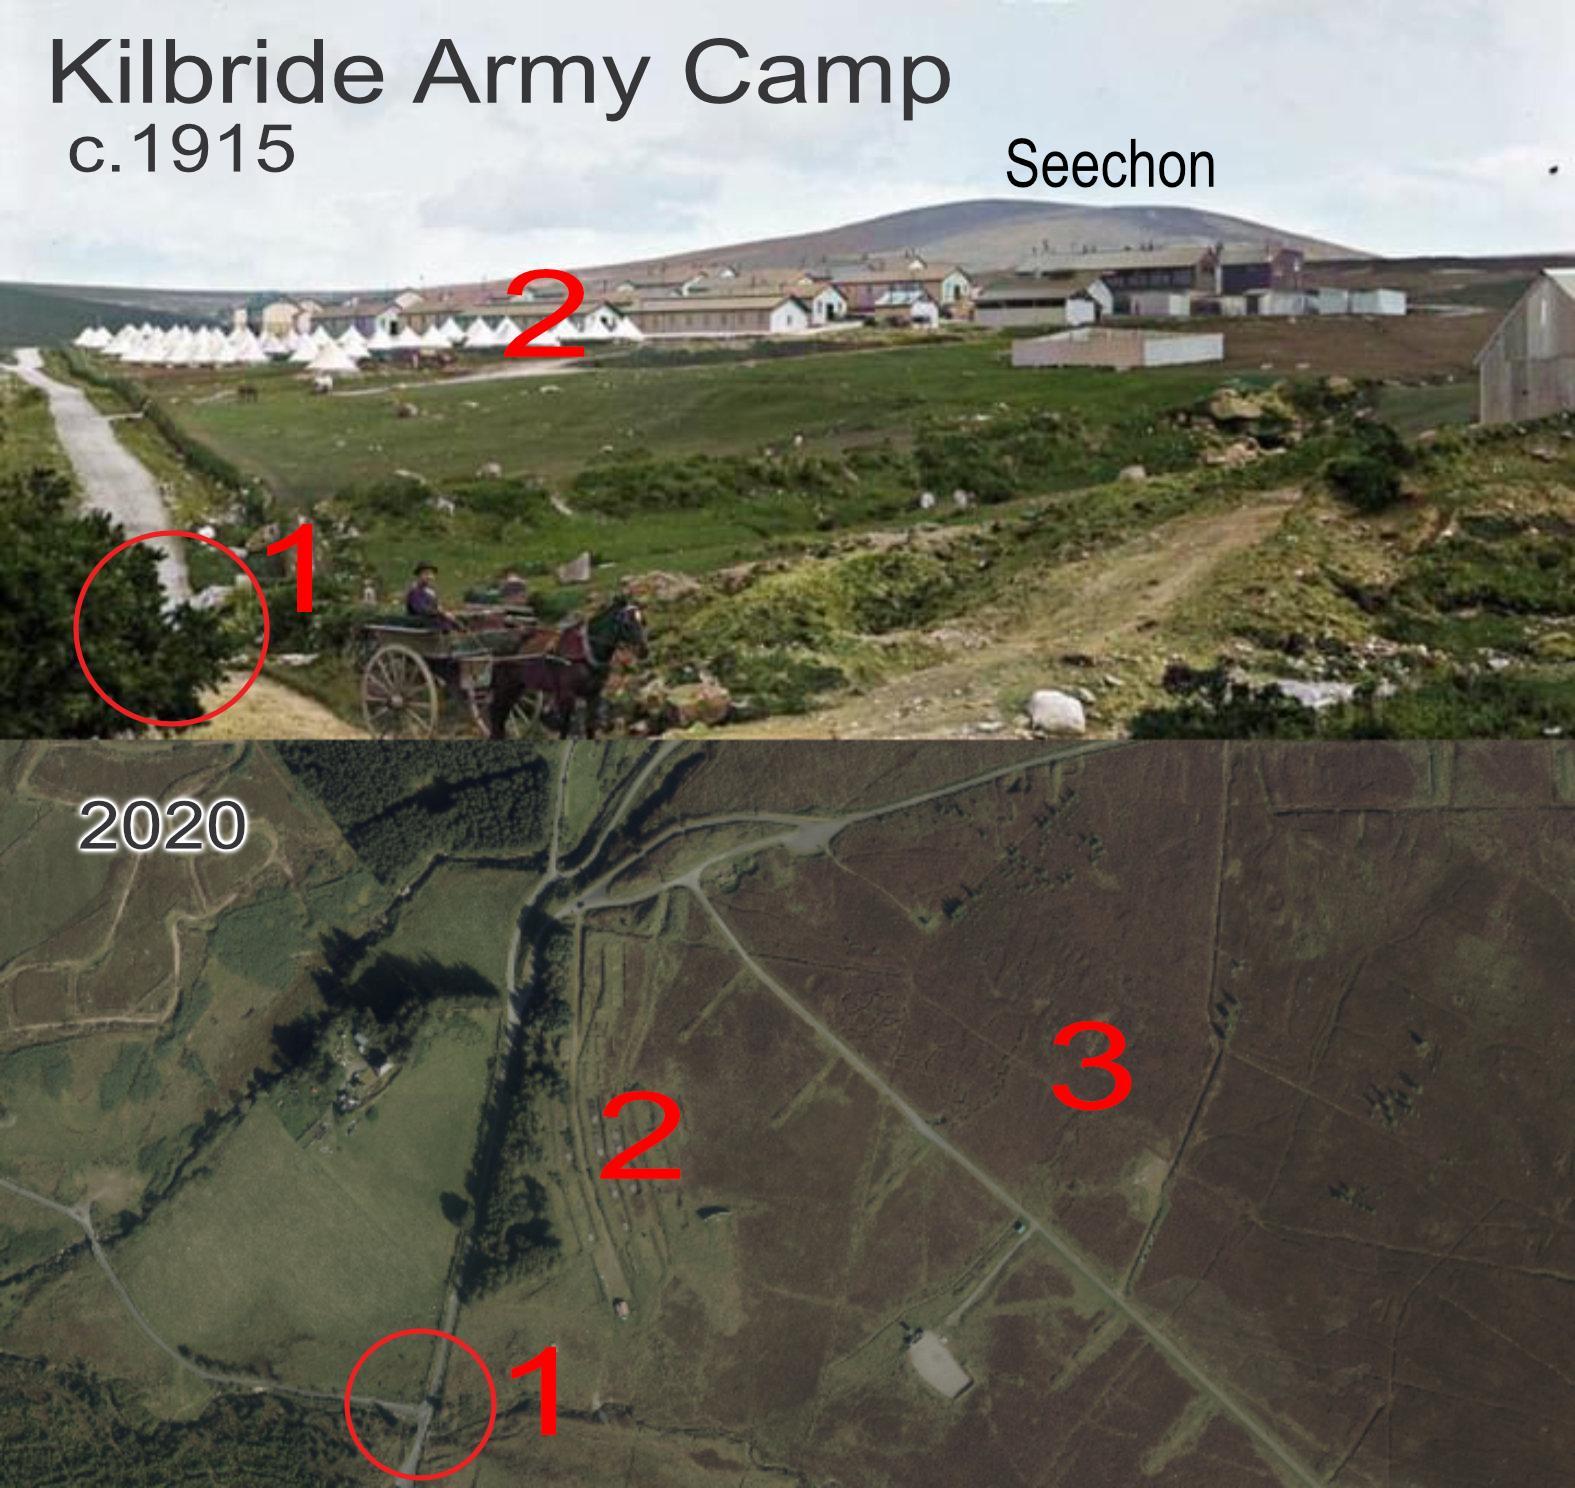 Kilbride Army Camp